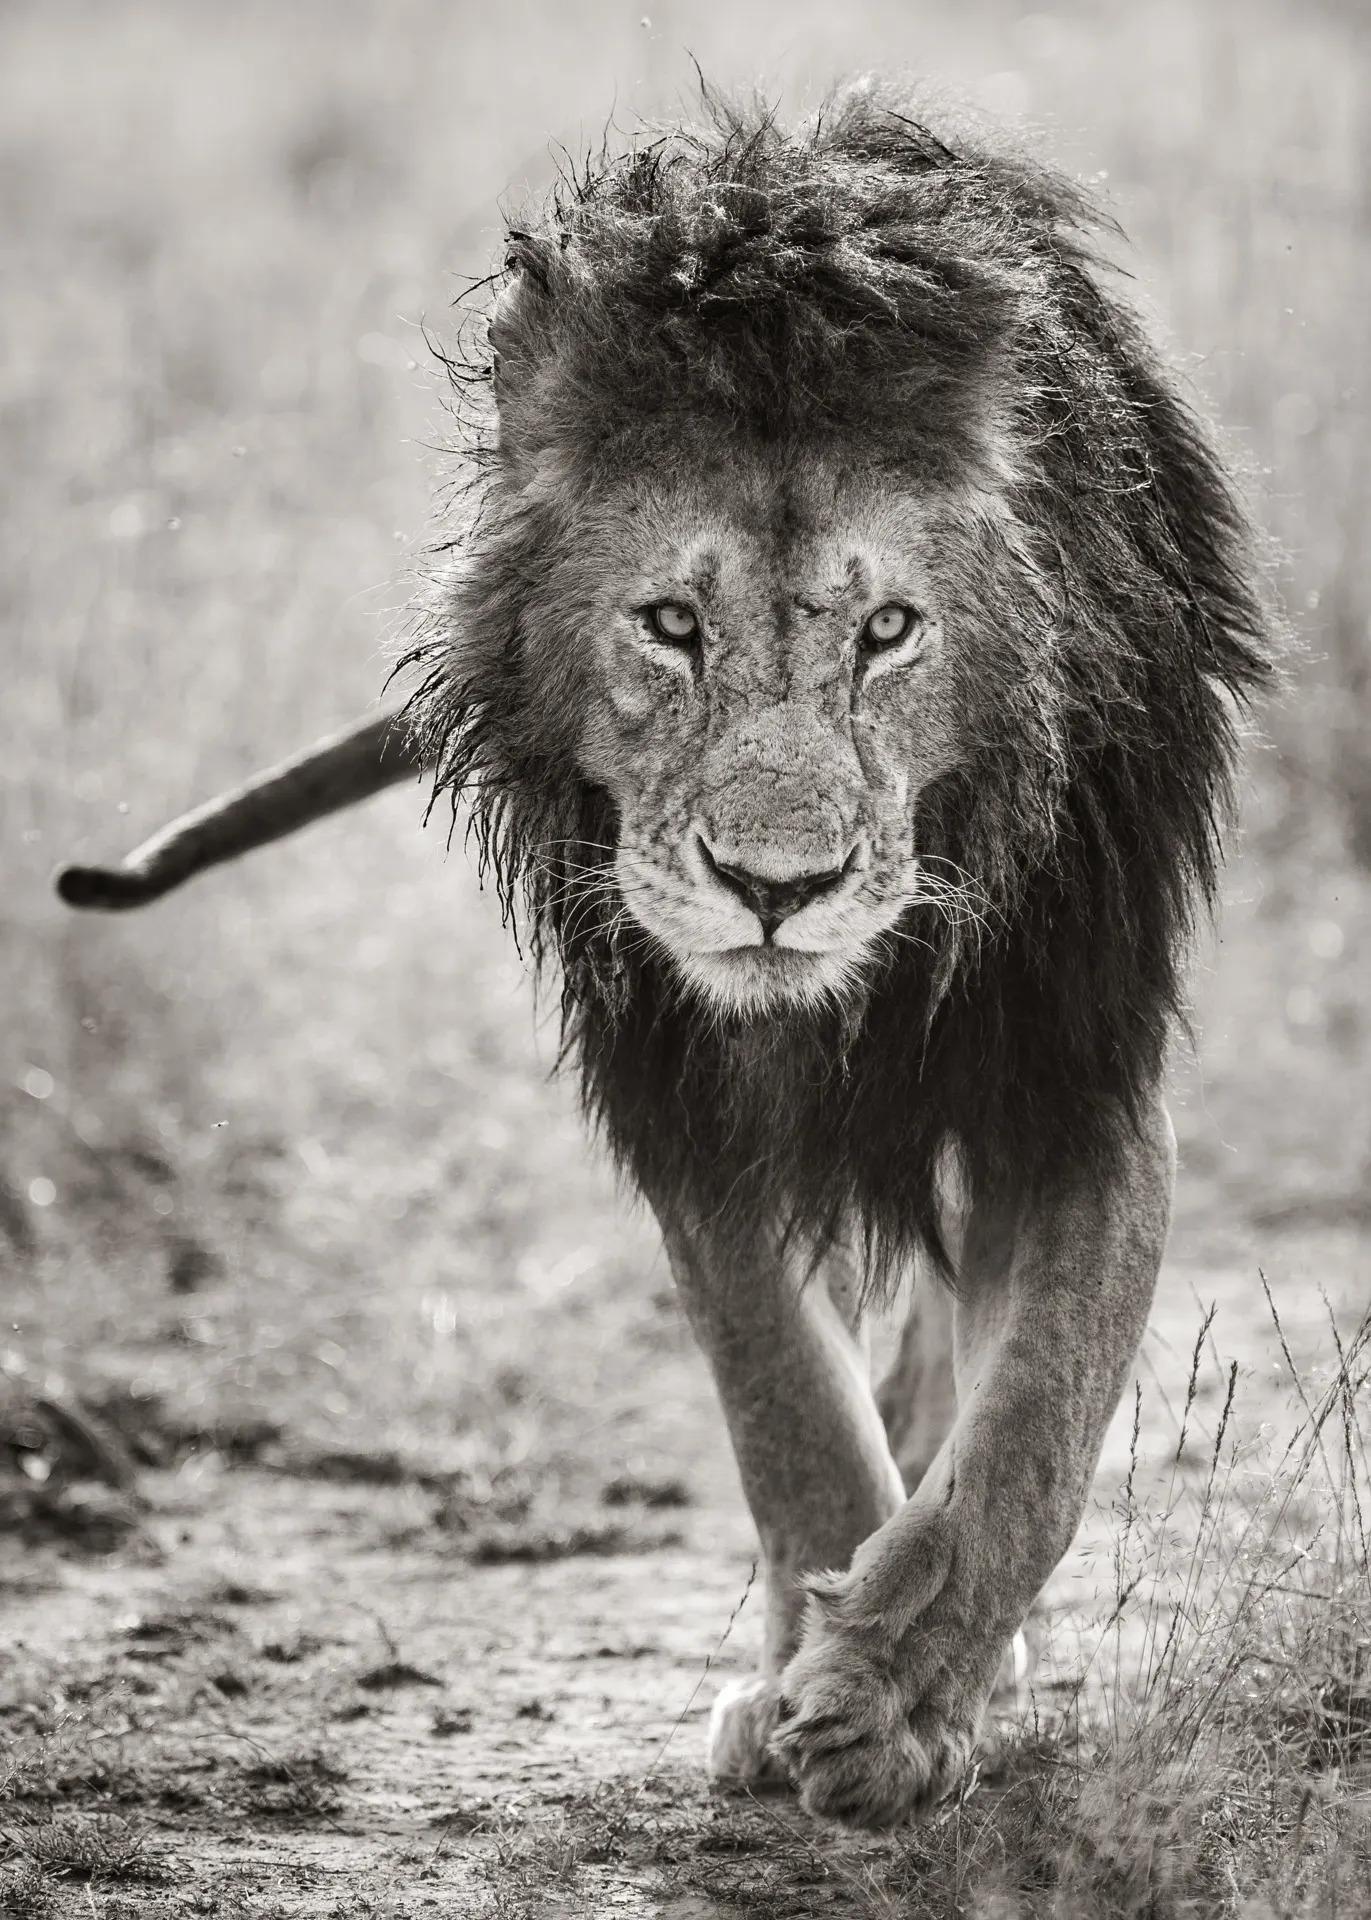 Male Lion BW